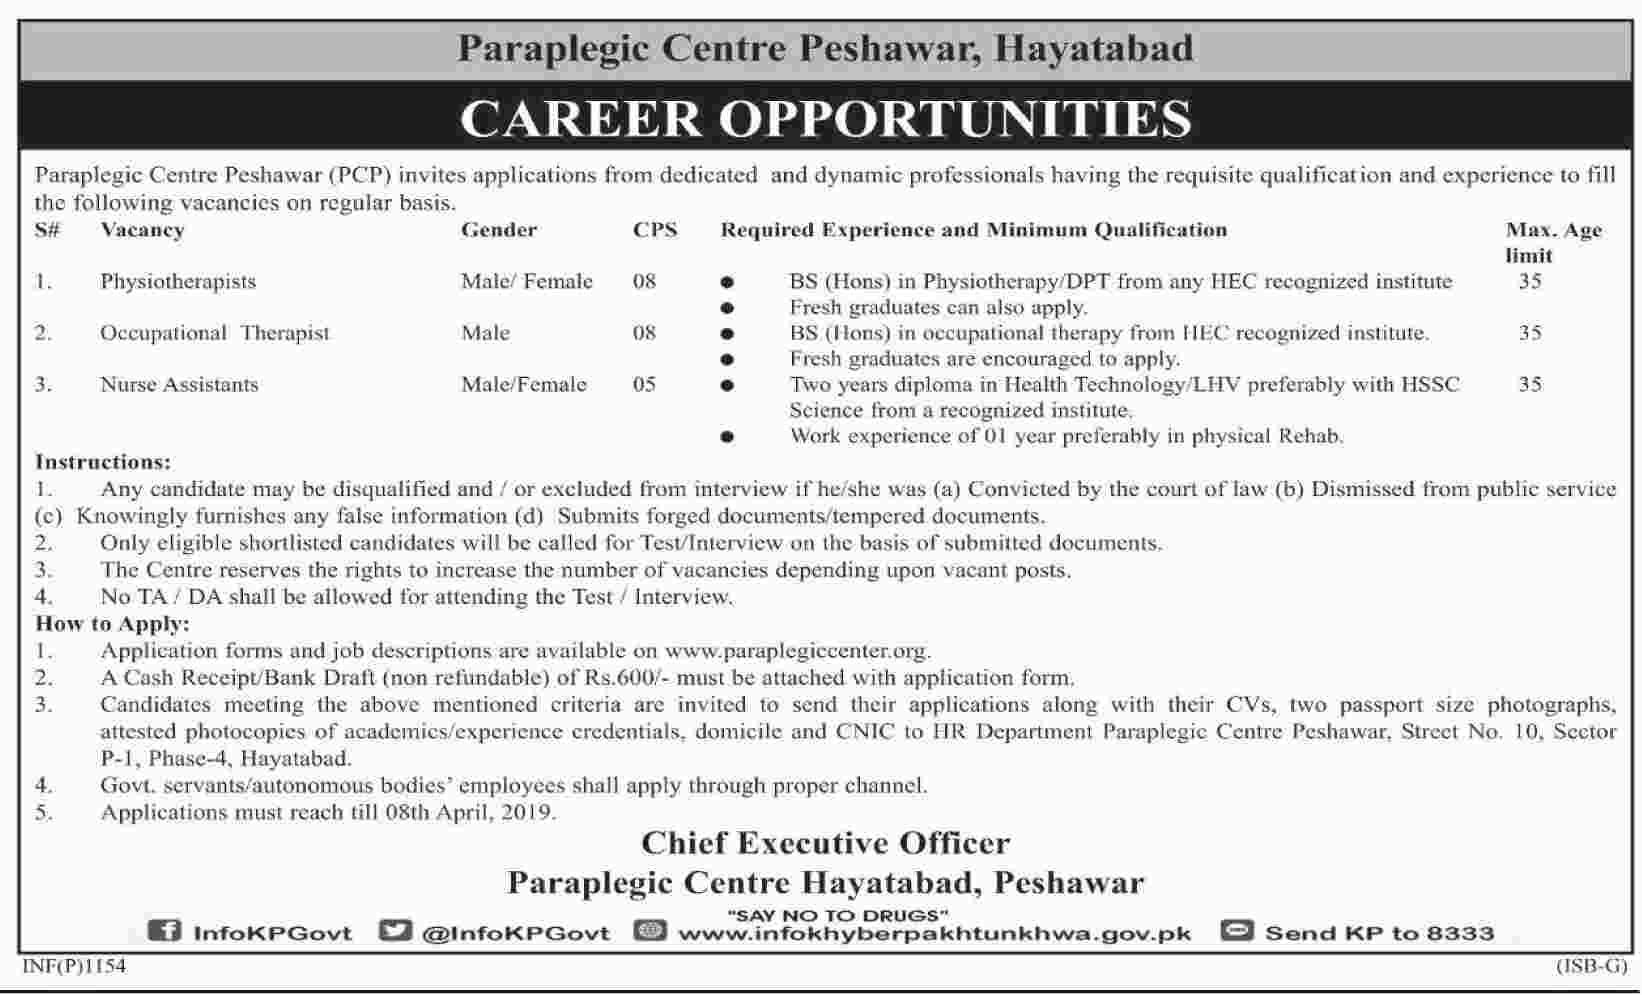 Paraplegic Centre Peshawar jobs 2019